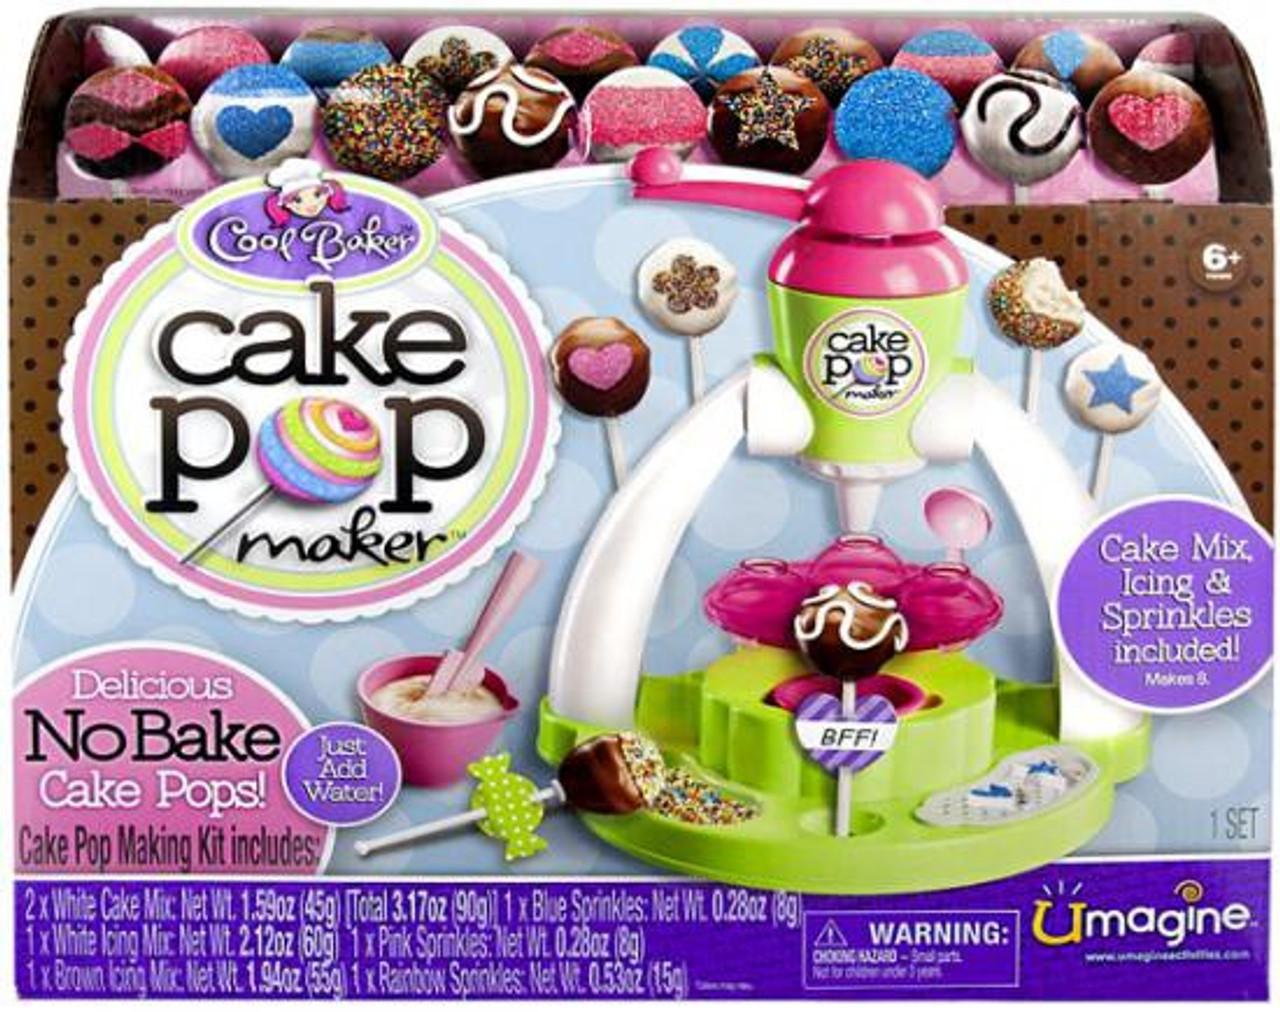 Cool Baker Cake Pop Maker